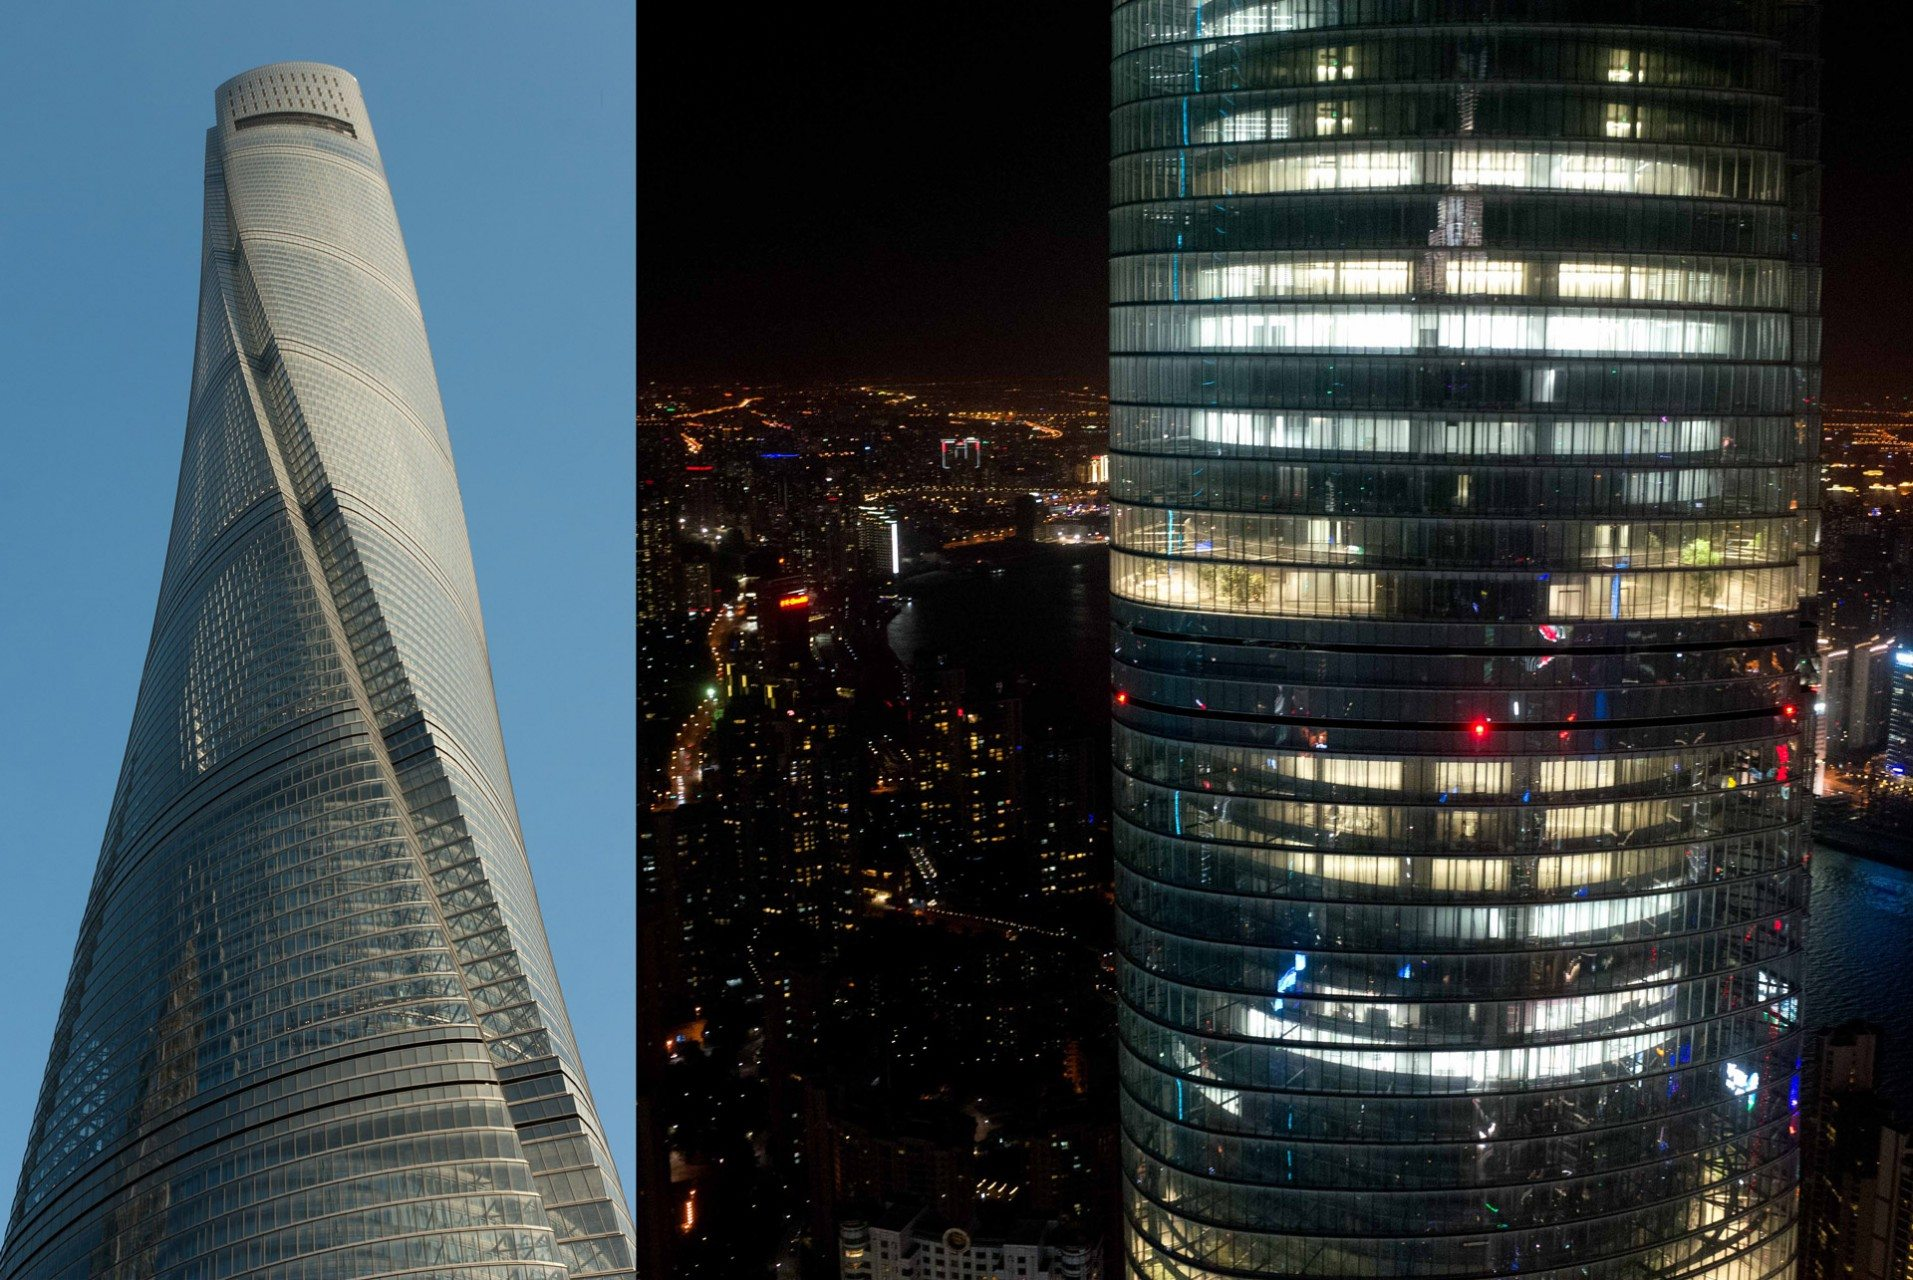 Shanghai Tower. 2015 – Shanghai, Pudong, Lujiazui. Von Gensler. Der Shanghai Tower ist das zweithöchste Gebäude auf der Welt nach dem Burj Khalifa (Dubai). Der Schwerpunkt der Architektur liegt auf der Nachhaltigkeit. Durch die Konstruktion des Gebäudes wird die Windbelastung reduziert, wodurch Baumaterial eingespart wurde. Das Doppelwandsystem soll Energie sparen und durch den Spalt kann Regenwasser gesammelt werden um es weiter zu verwenden.